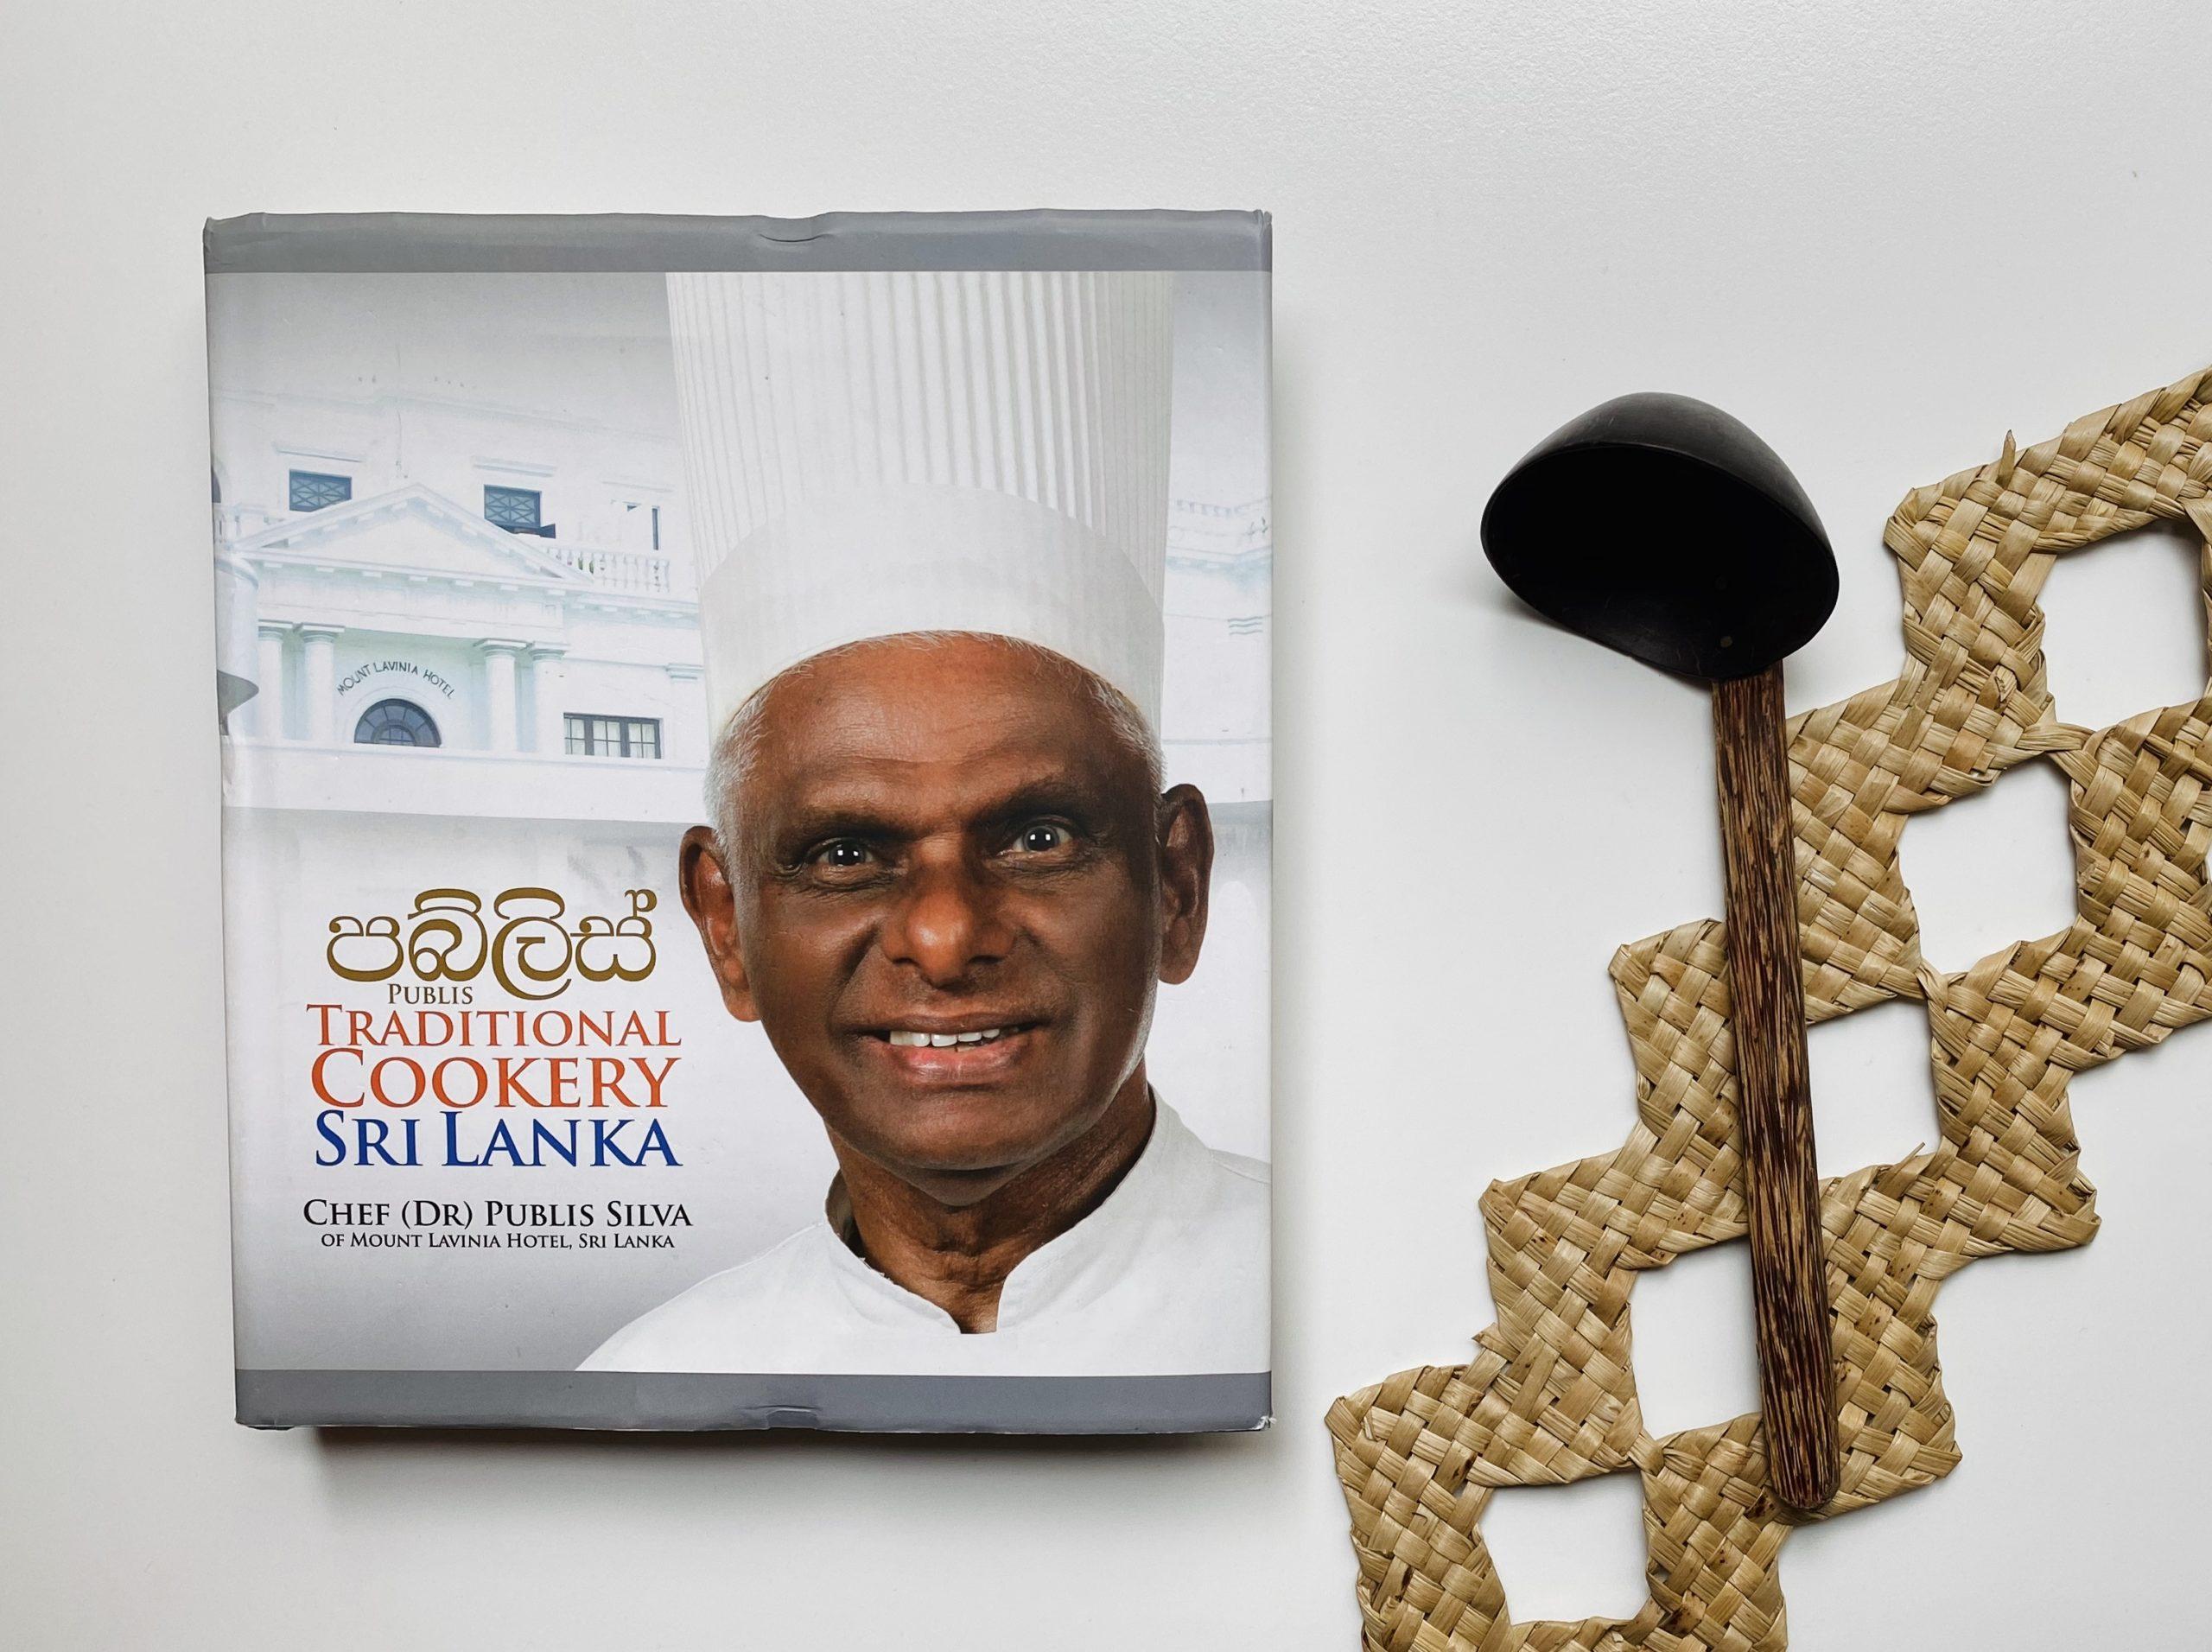 本:まるで辞書なスリランカ料理レシピ集「PUBLIS Traditional Cookery Sri Lanka」